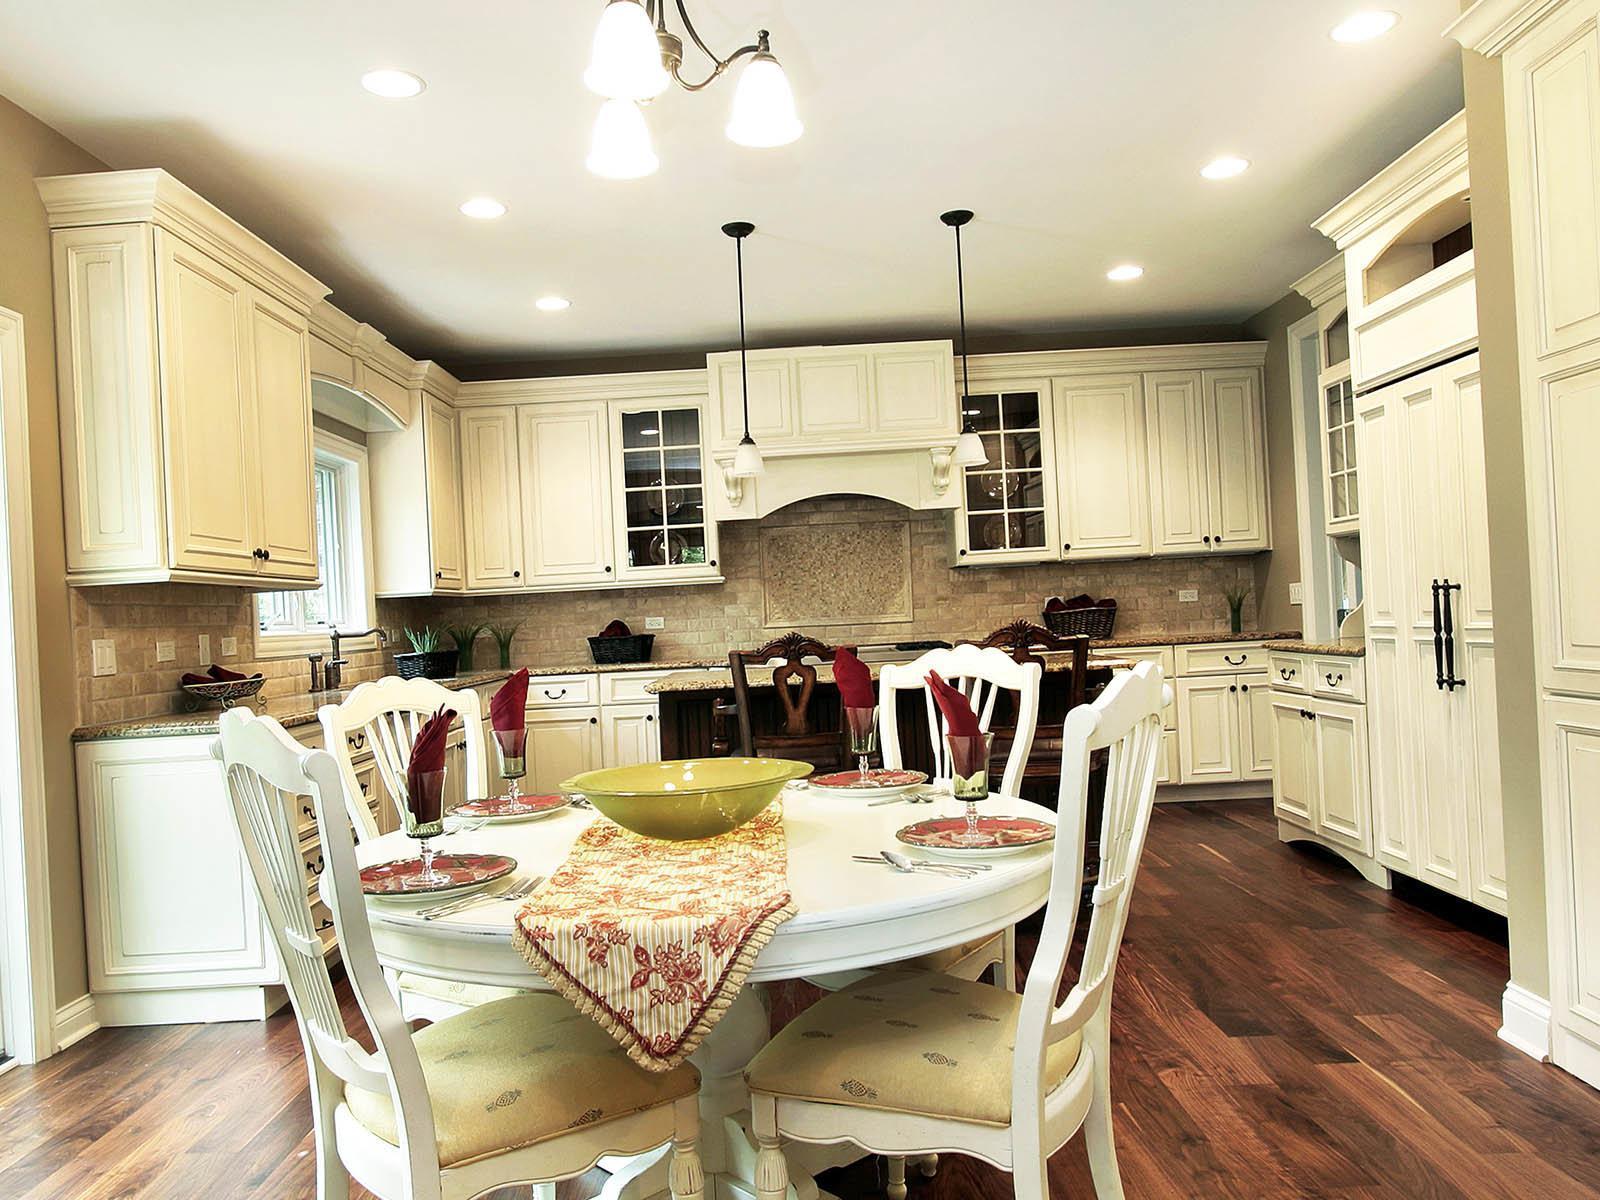 Выбираем утопленные лампы для освещения кухни